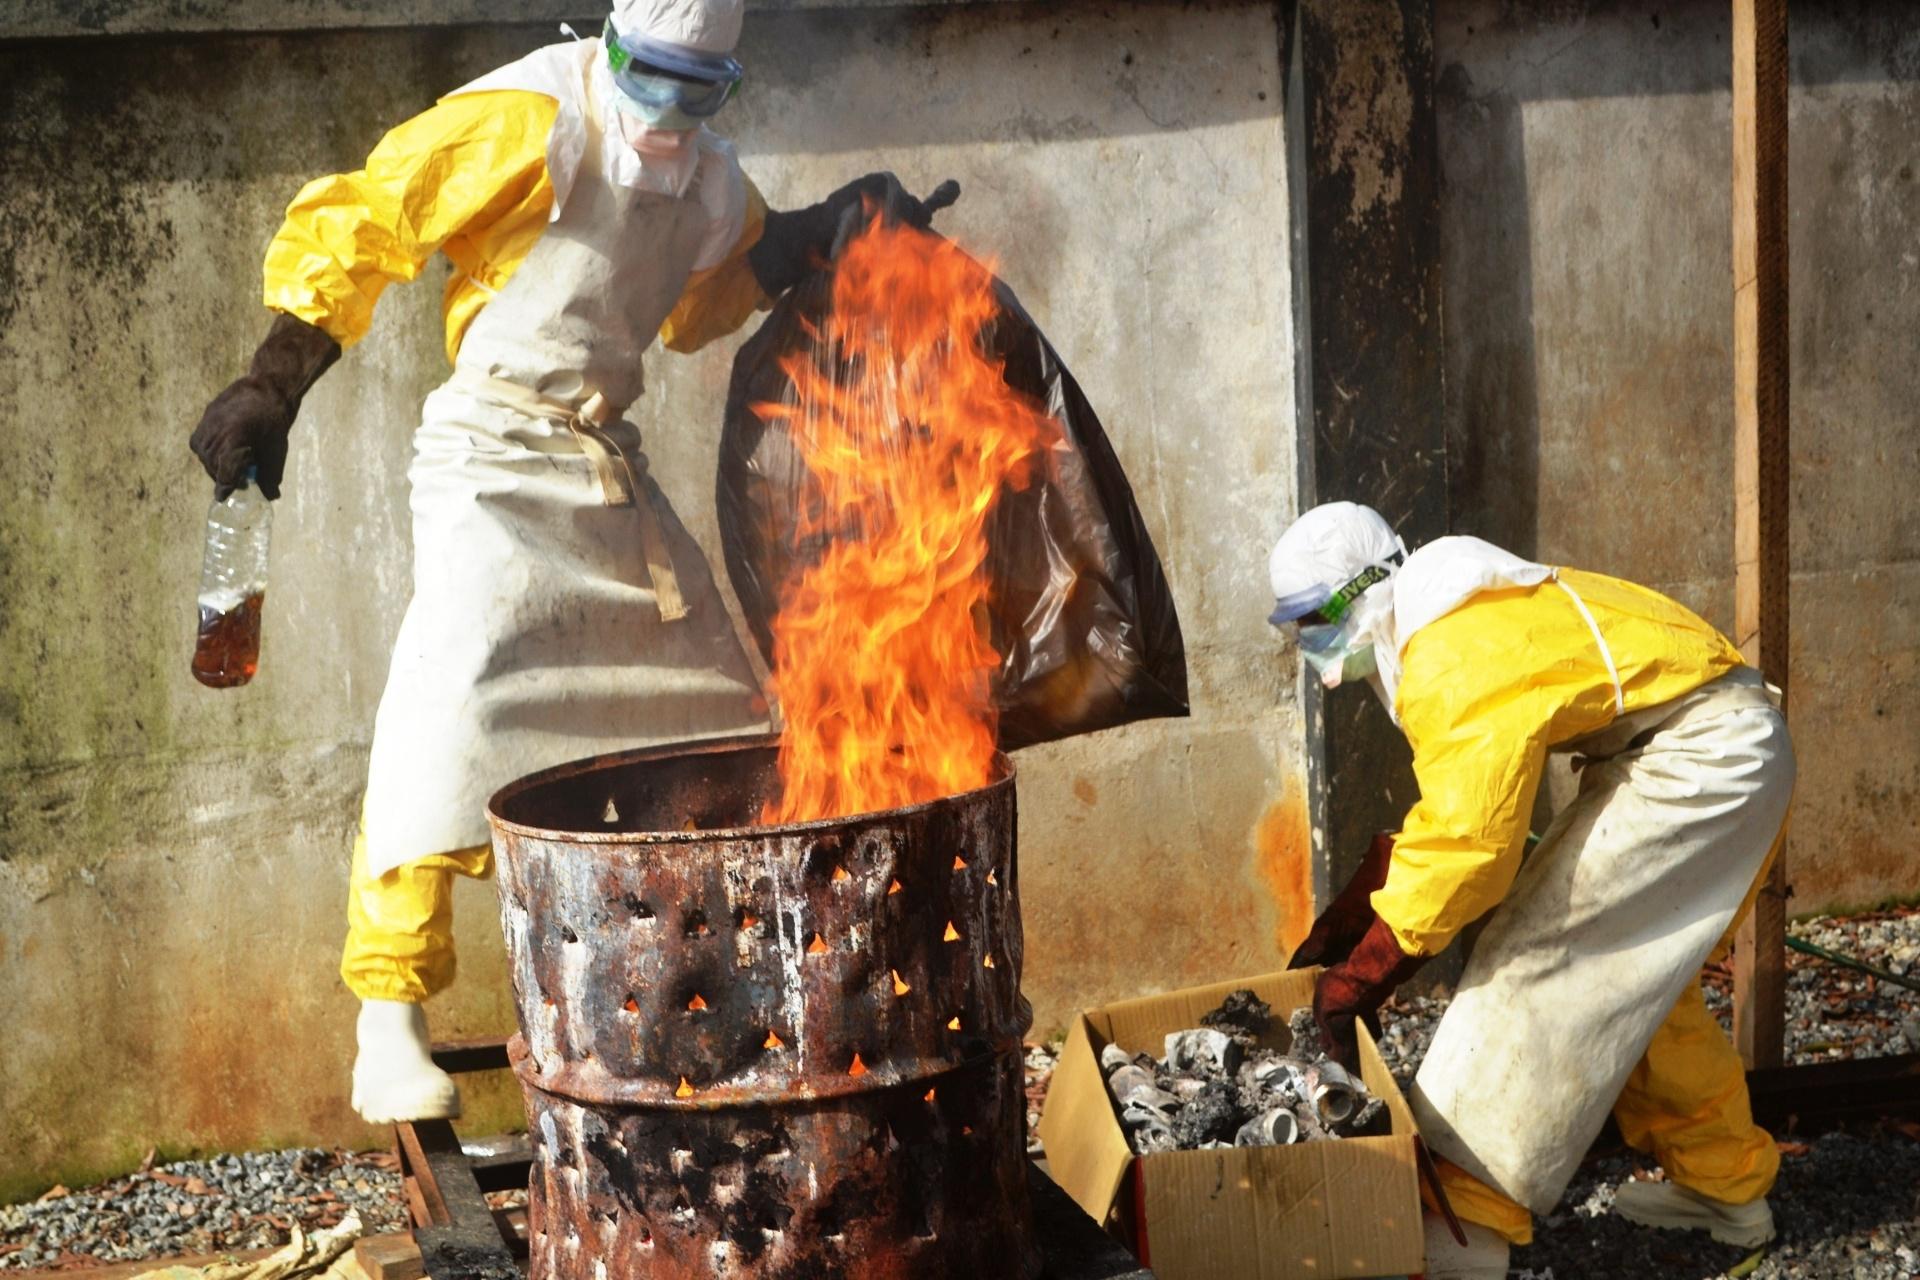 13.set.2014 - Trabalhadores de saúde queimam equipamentos de proteção usados na ONG Médicos Sem Fronteiras em Conacri, capital da Guiné, neste sábado (13). Especialistas em doenças infecciosas estão preocupados que o vírus ebola possa mutar e passar a ser transmitido pela tosse ou pelo espirro